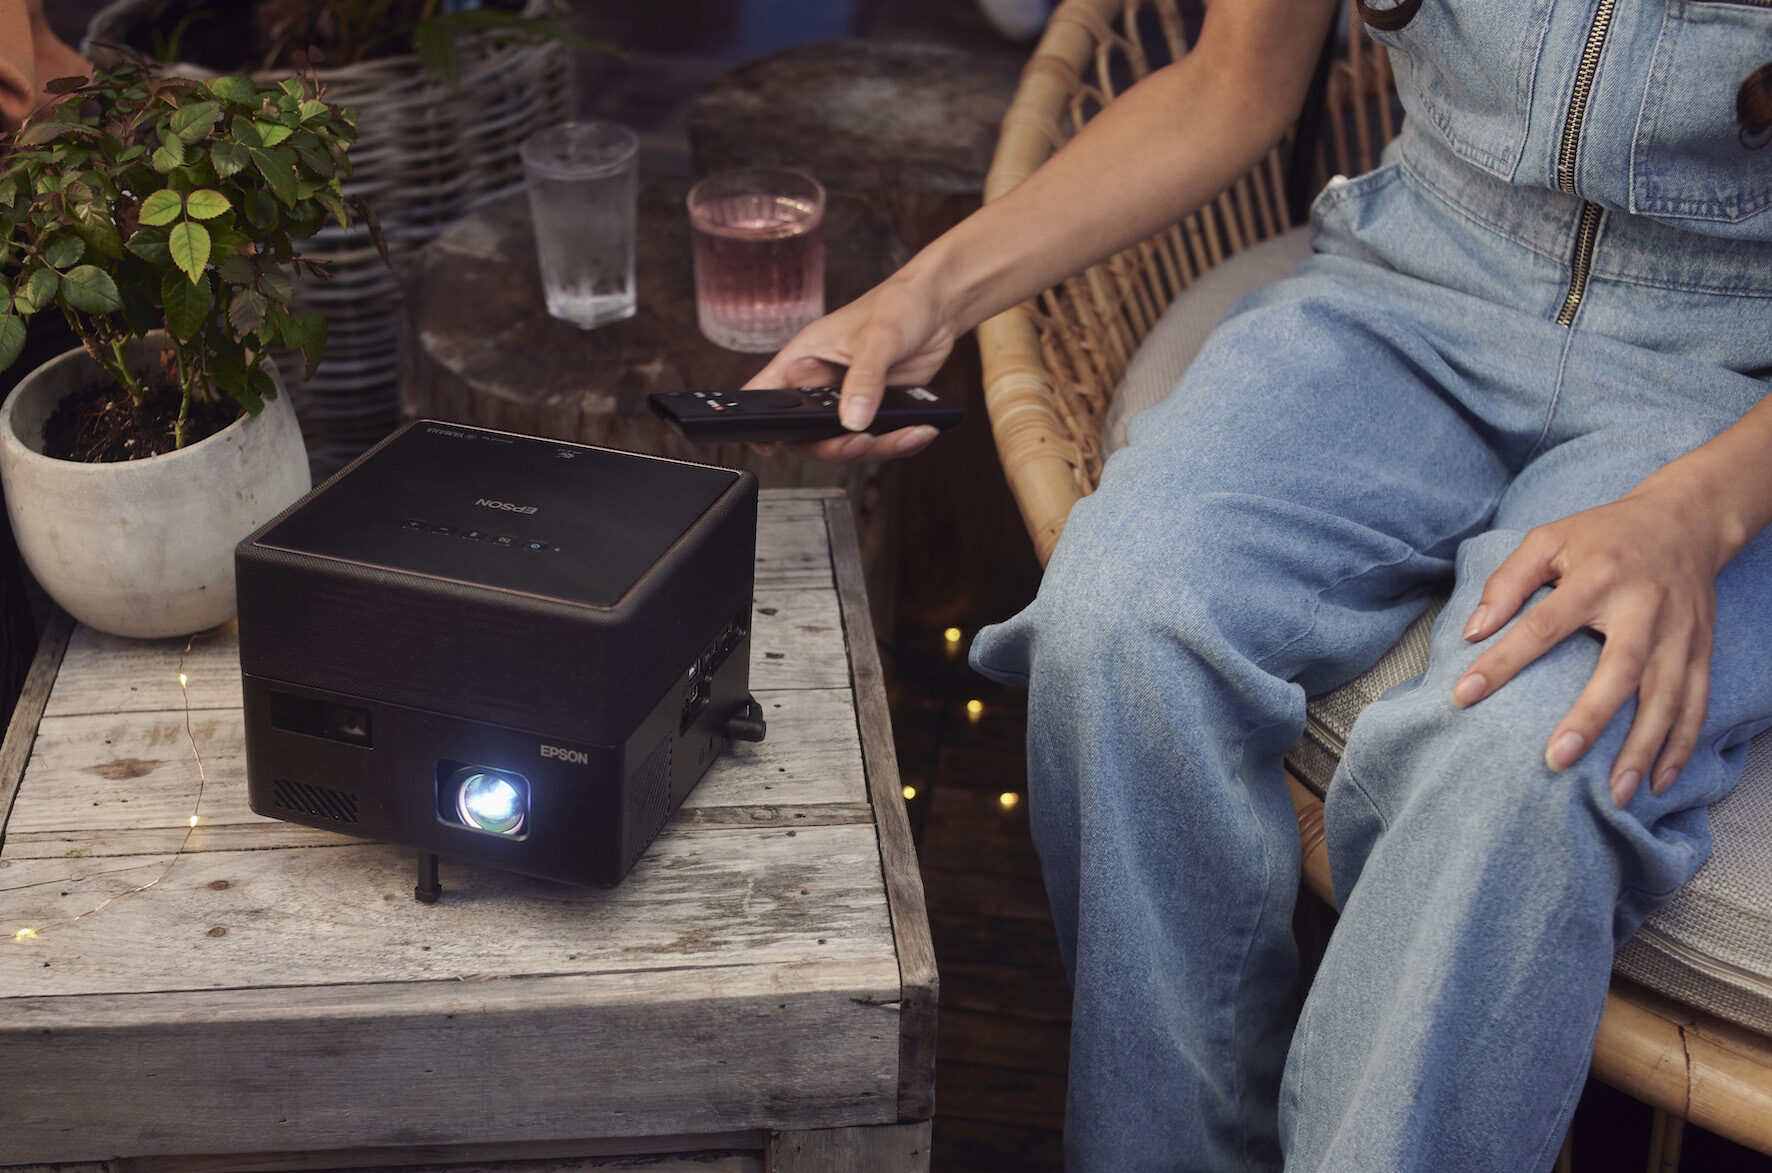 Epson annuncia nuovi videoproiettori laser per la casa